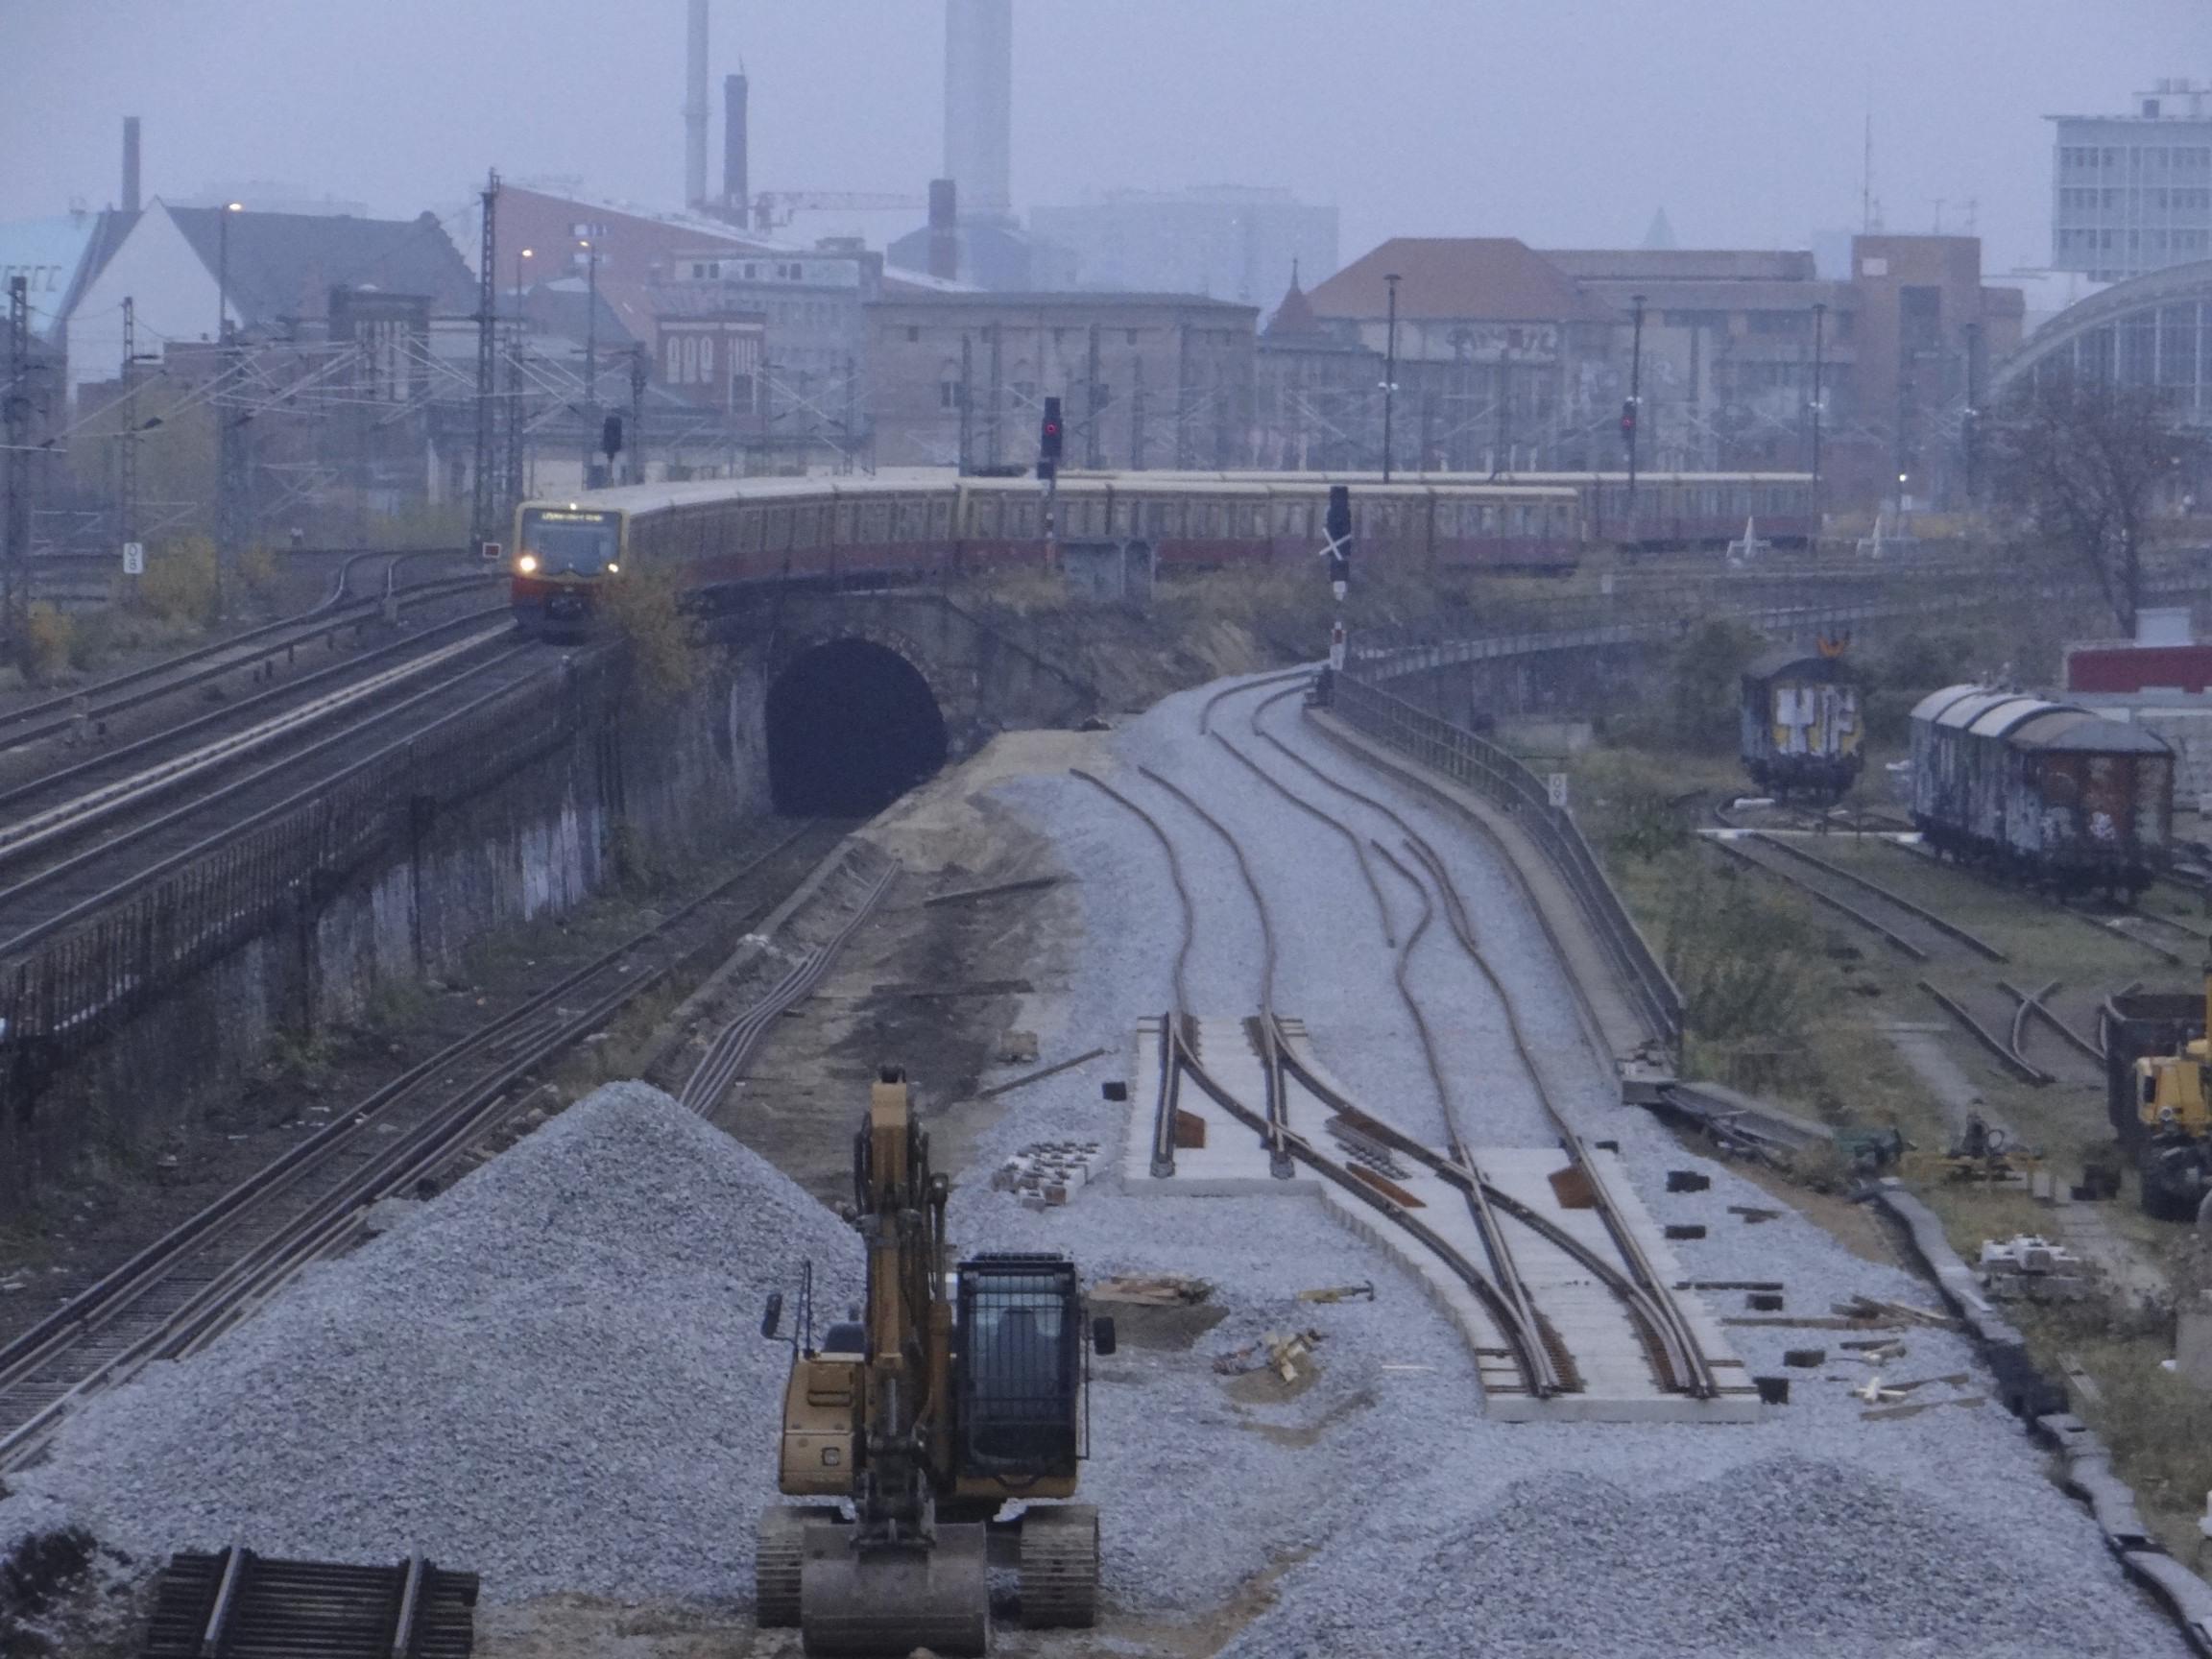 Nördliches Gleispaar Richtung City